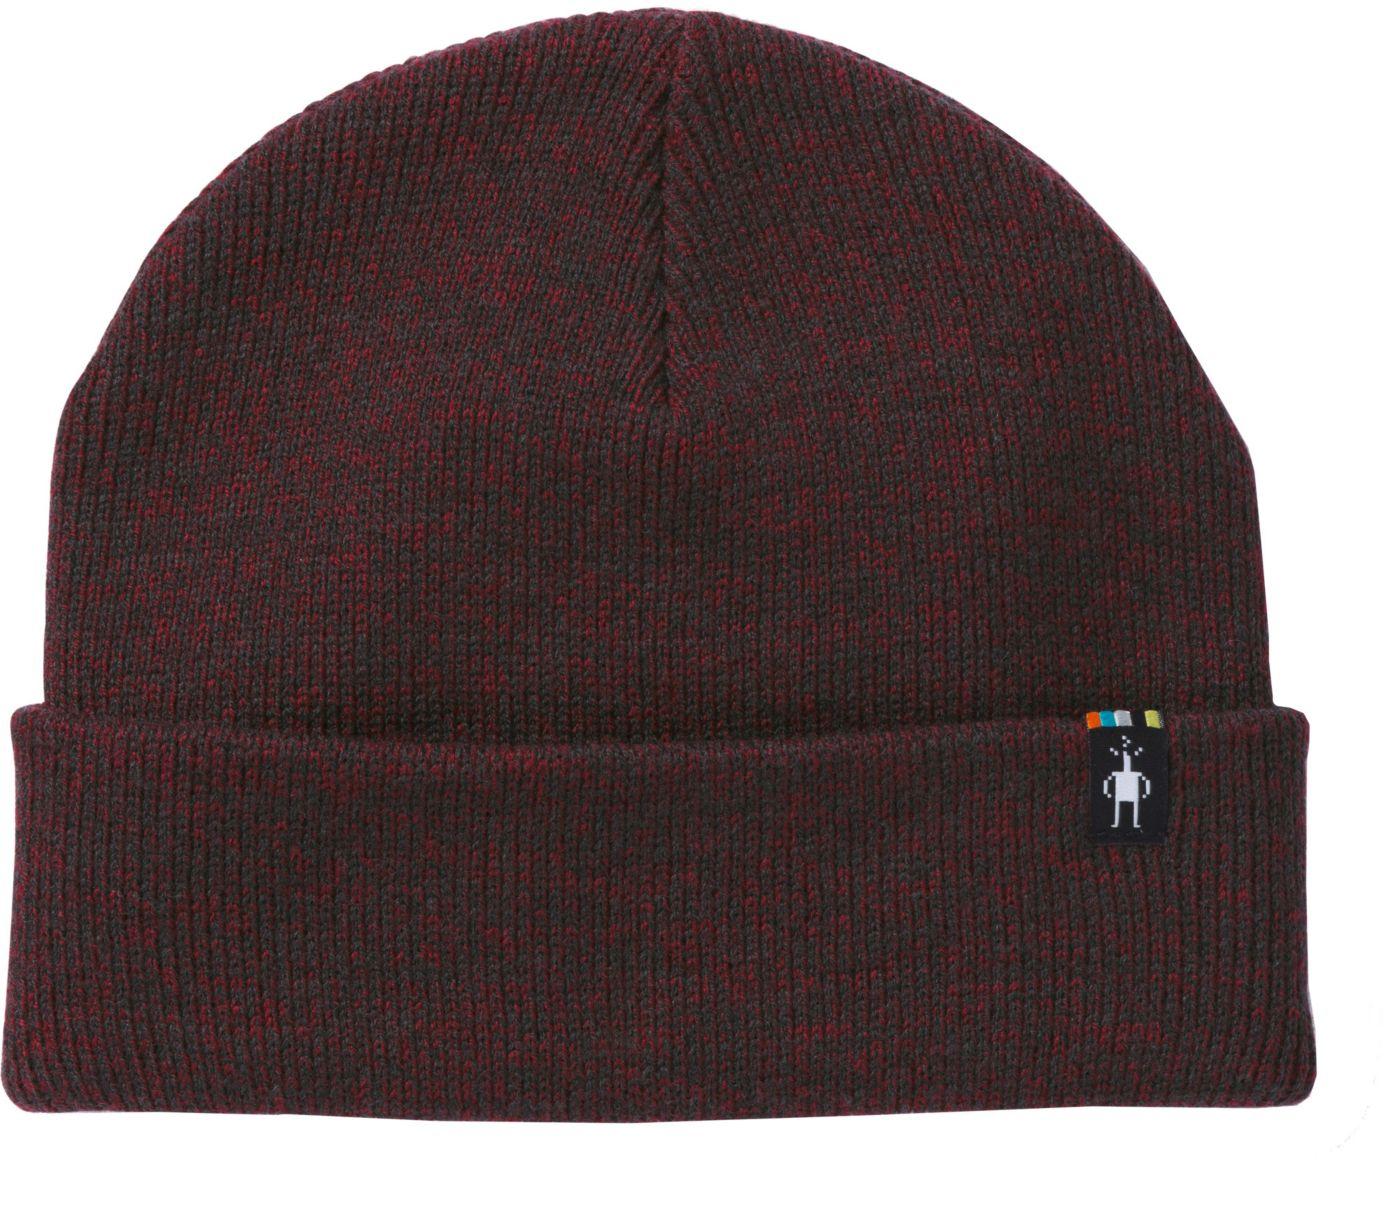 Smartwool Men's Cozy Cabin Hat